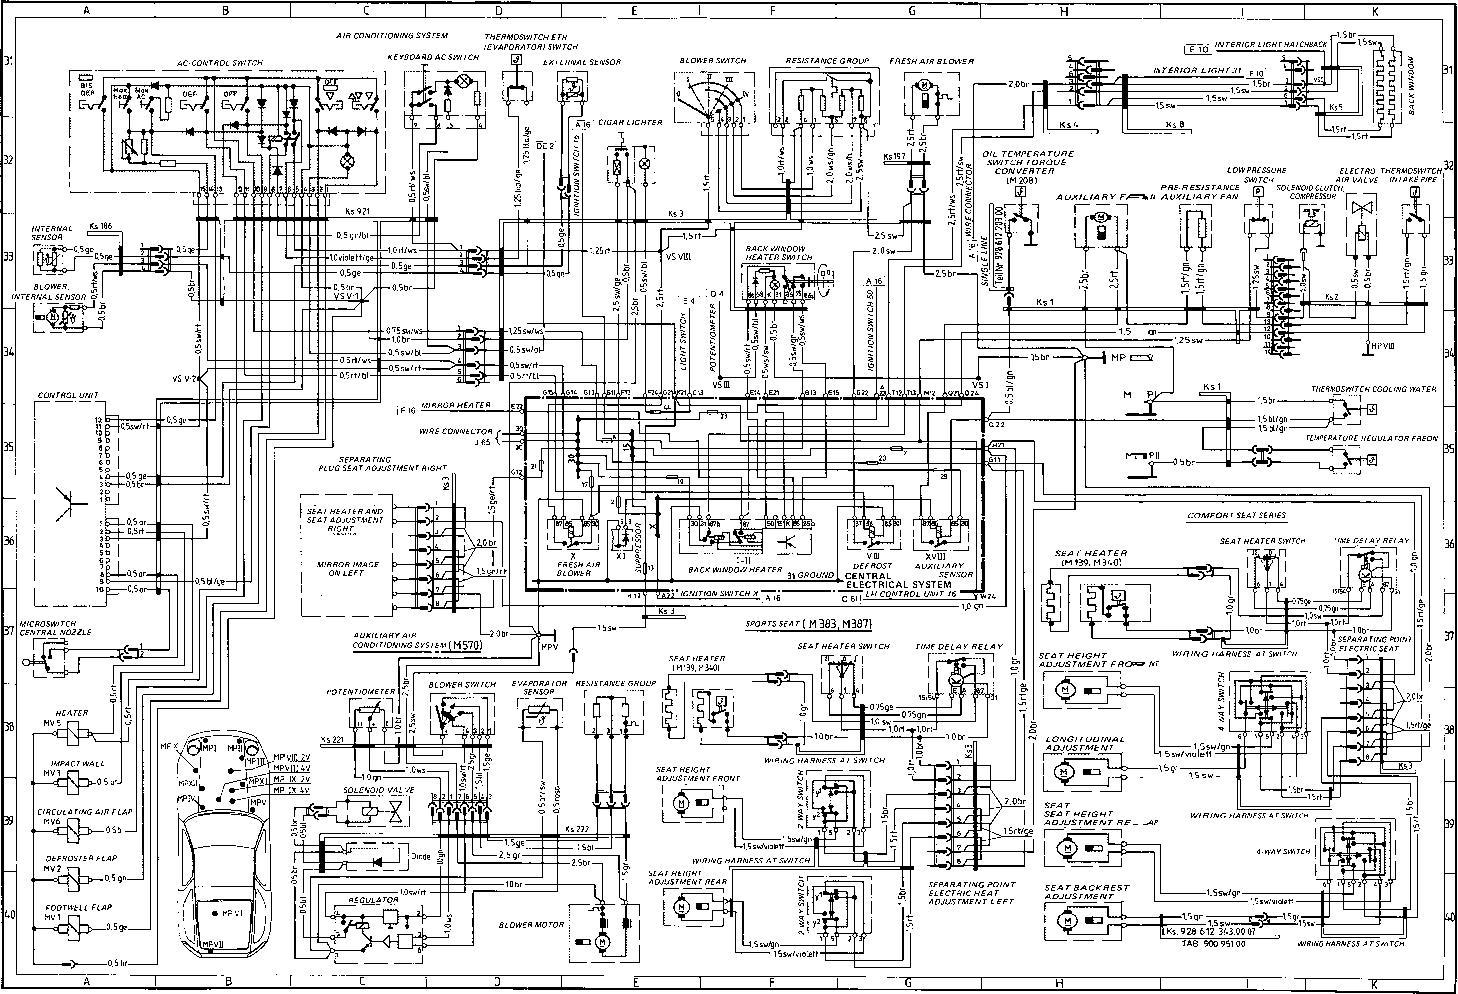 Pleasing 1985 Maserati Wiring Diagram Basic Electronics Wiring Diagram Wiring Cloud Staixaidewilluminateatxorg